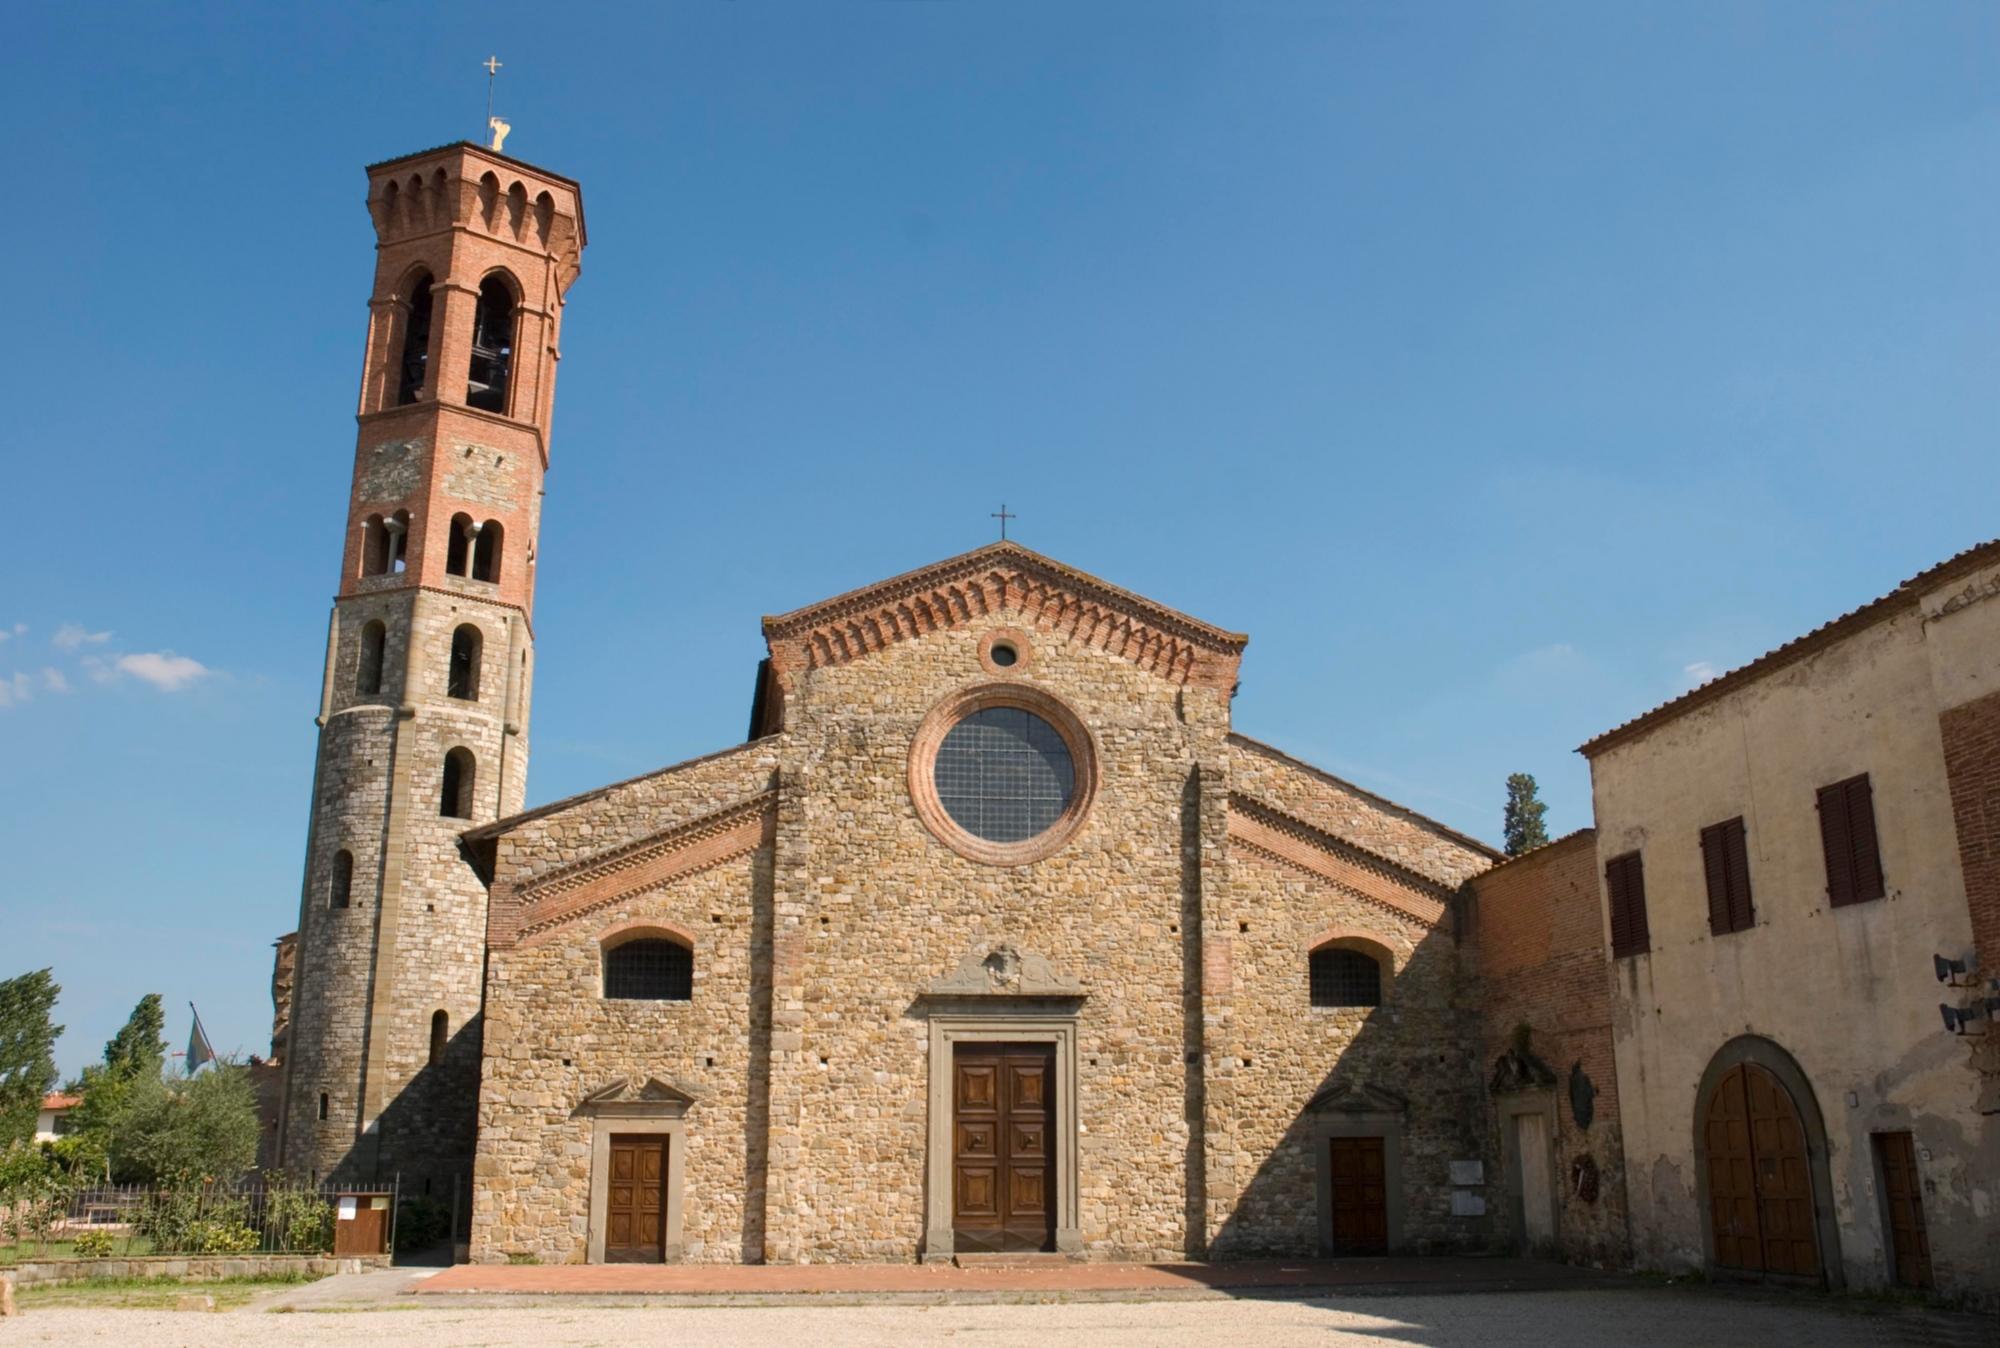 Abadía San Salvatore y San Lorenzo en Settimo   Visit Tuscany